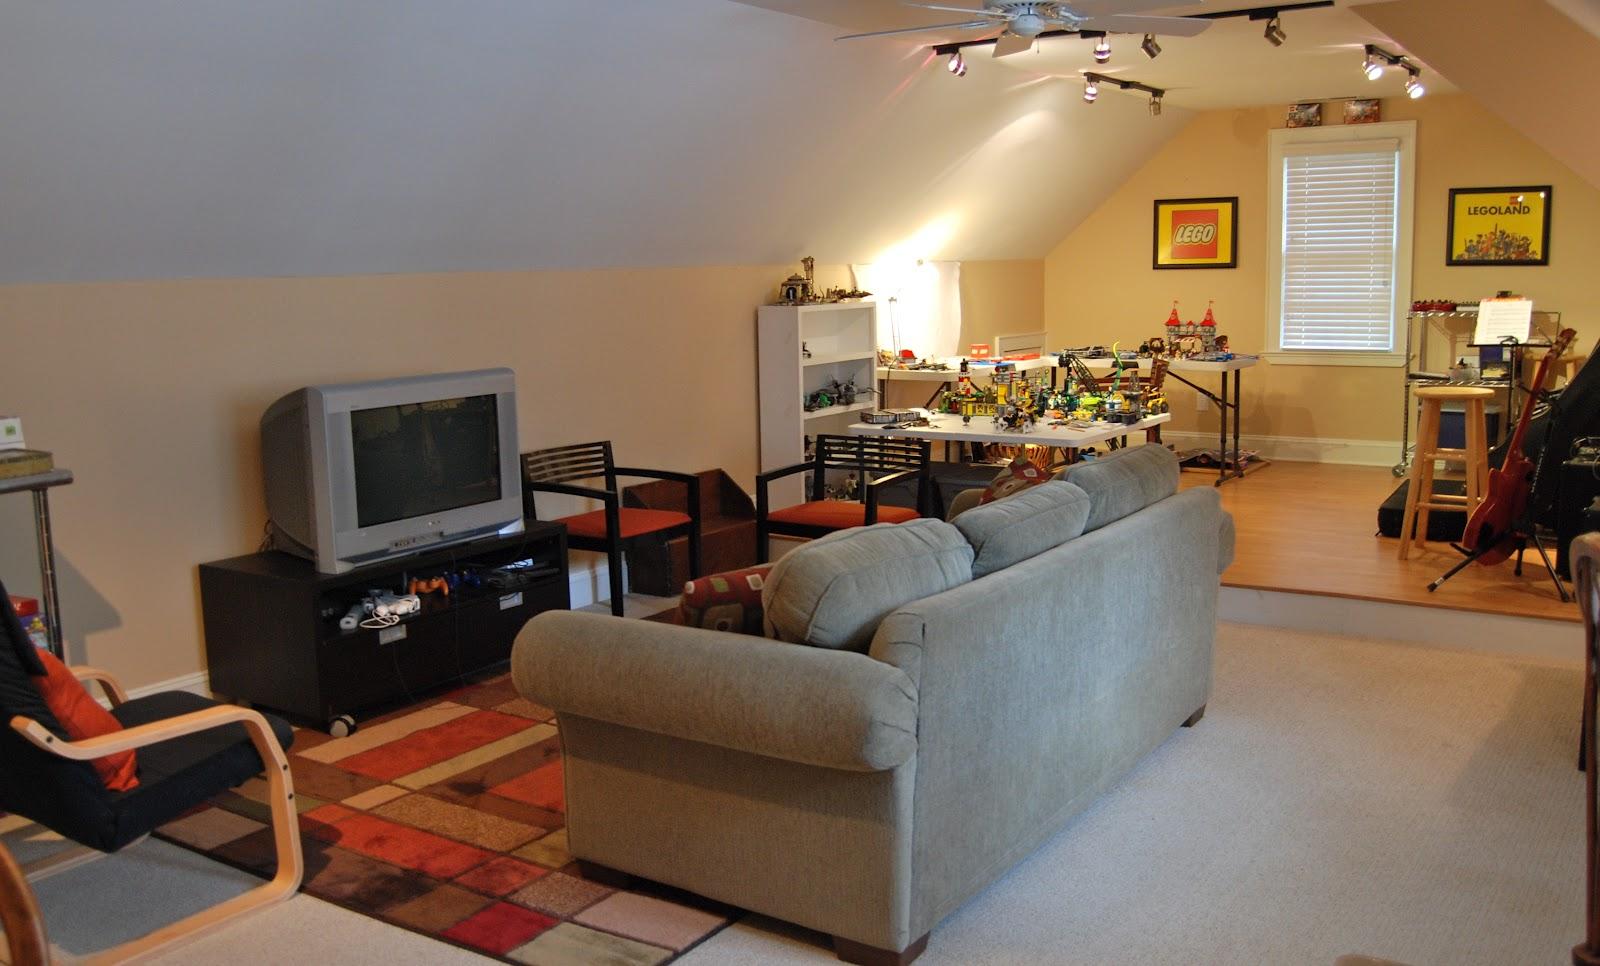 Imparting Grace: Bonus Room Re-do